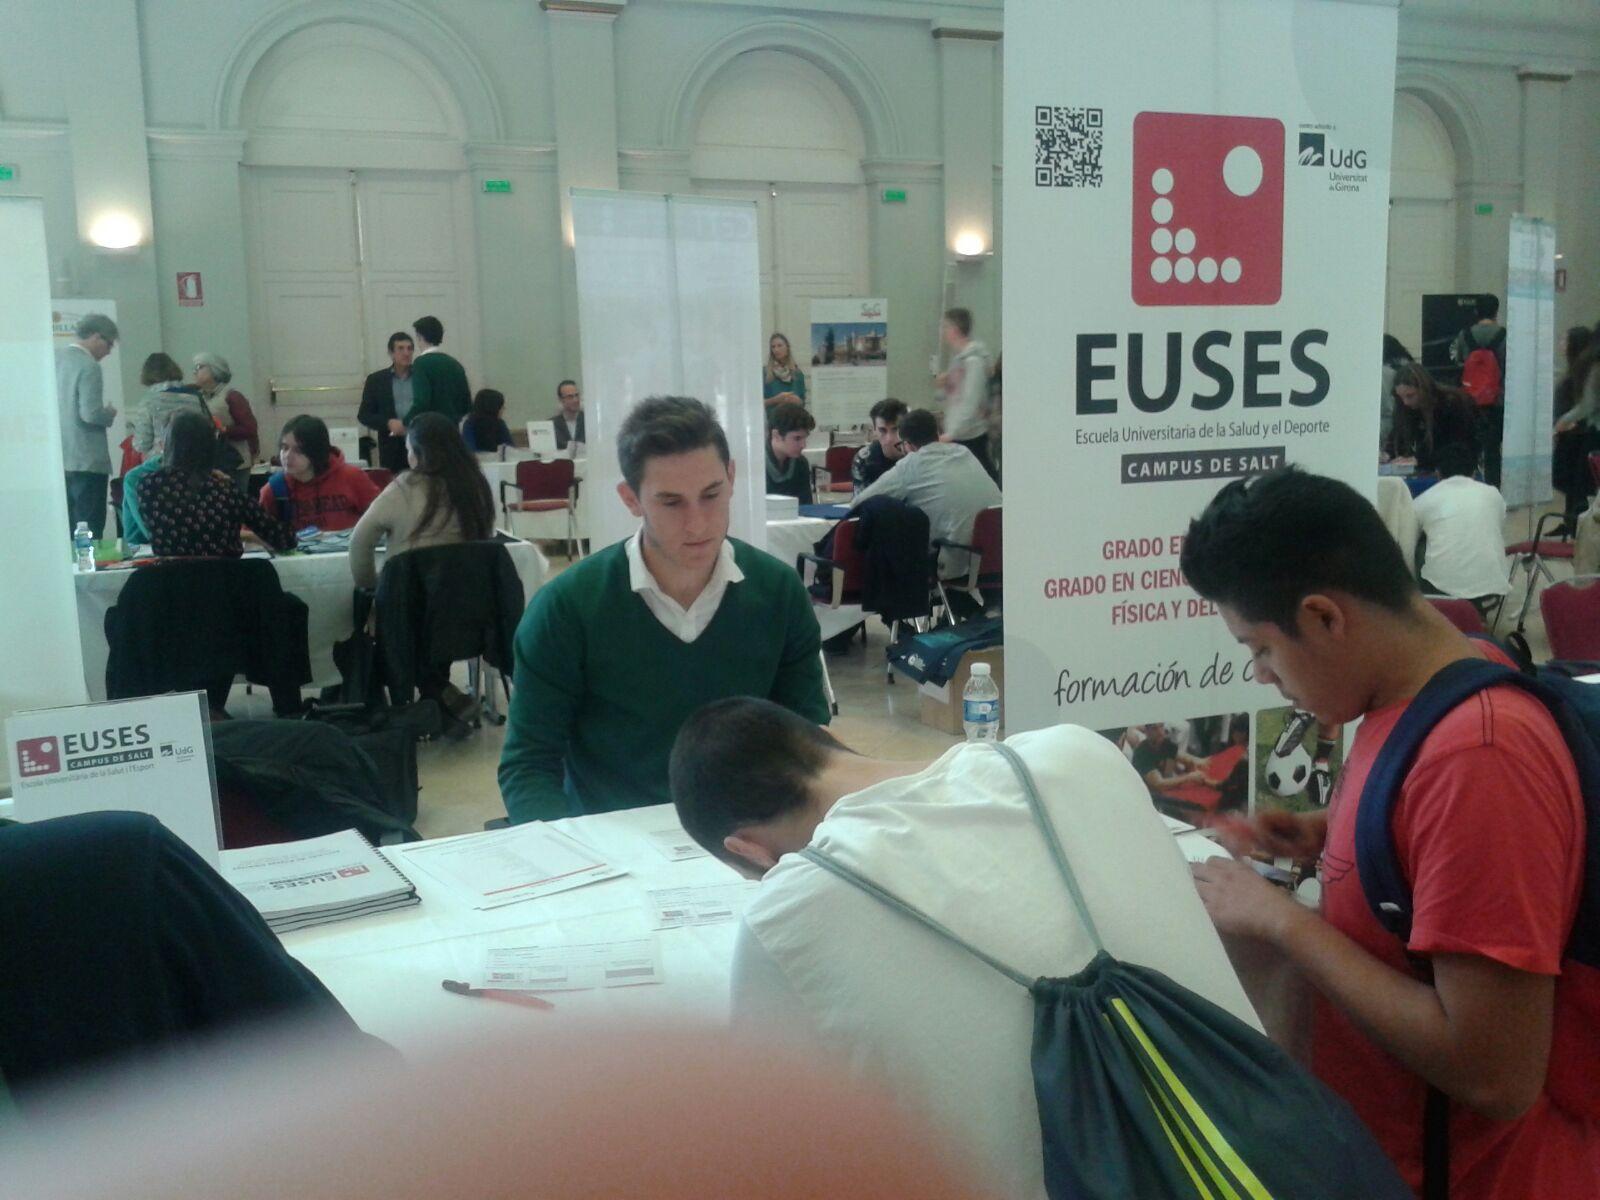 EUSES presenta tota la seva oferta de graus a Palma de Mallorca, en el Saló Unitour 2015/16